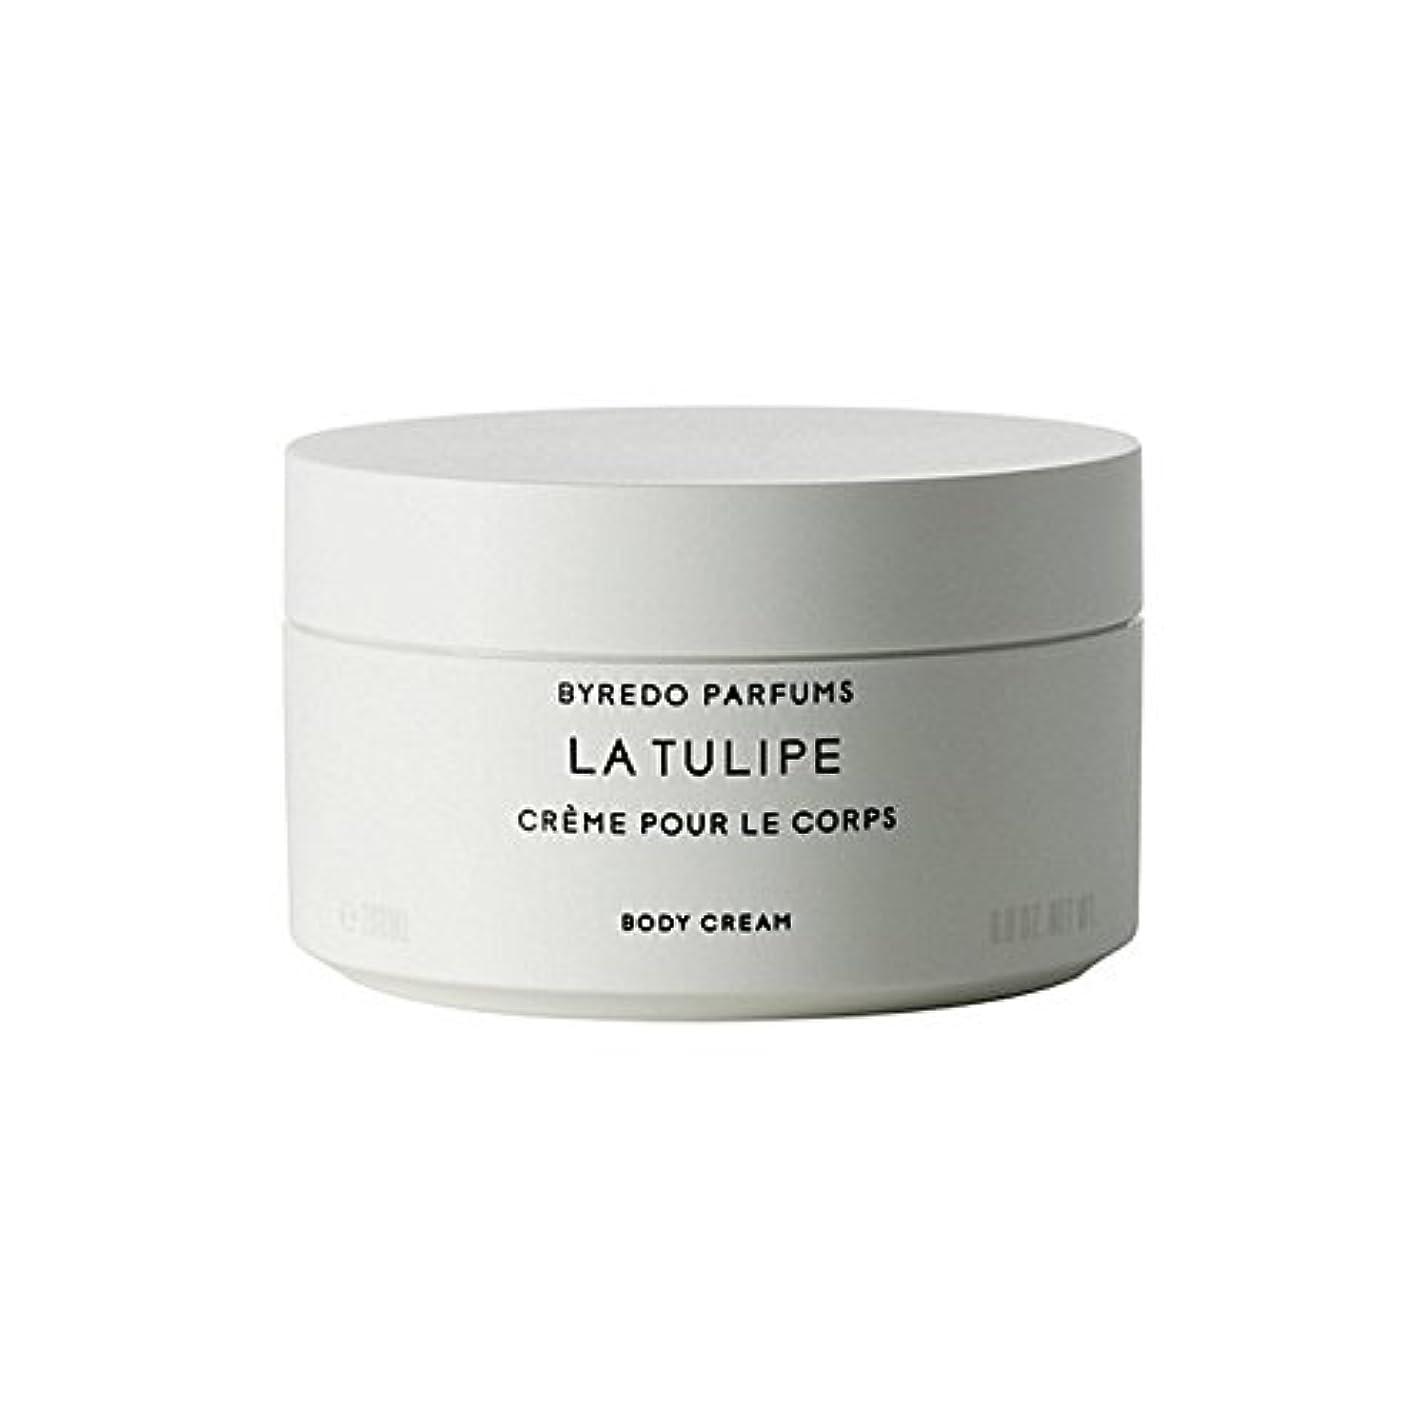 桃落ち込んでいる修羅場ラチューリップボディクリーム200ミリリットル x4 - Byredo La Tulipe Body Cream 200ml (Pack of 4) [並行輸入品]